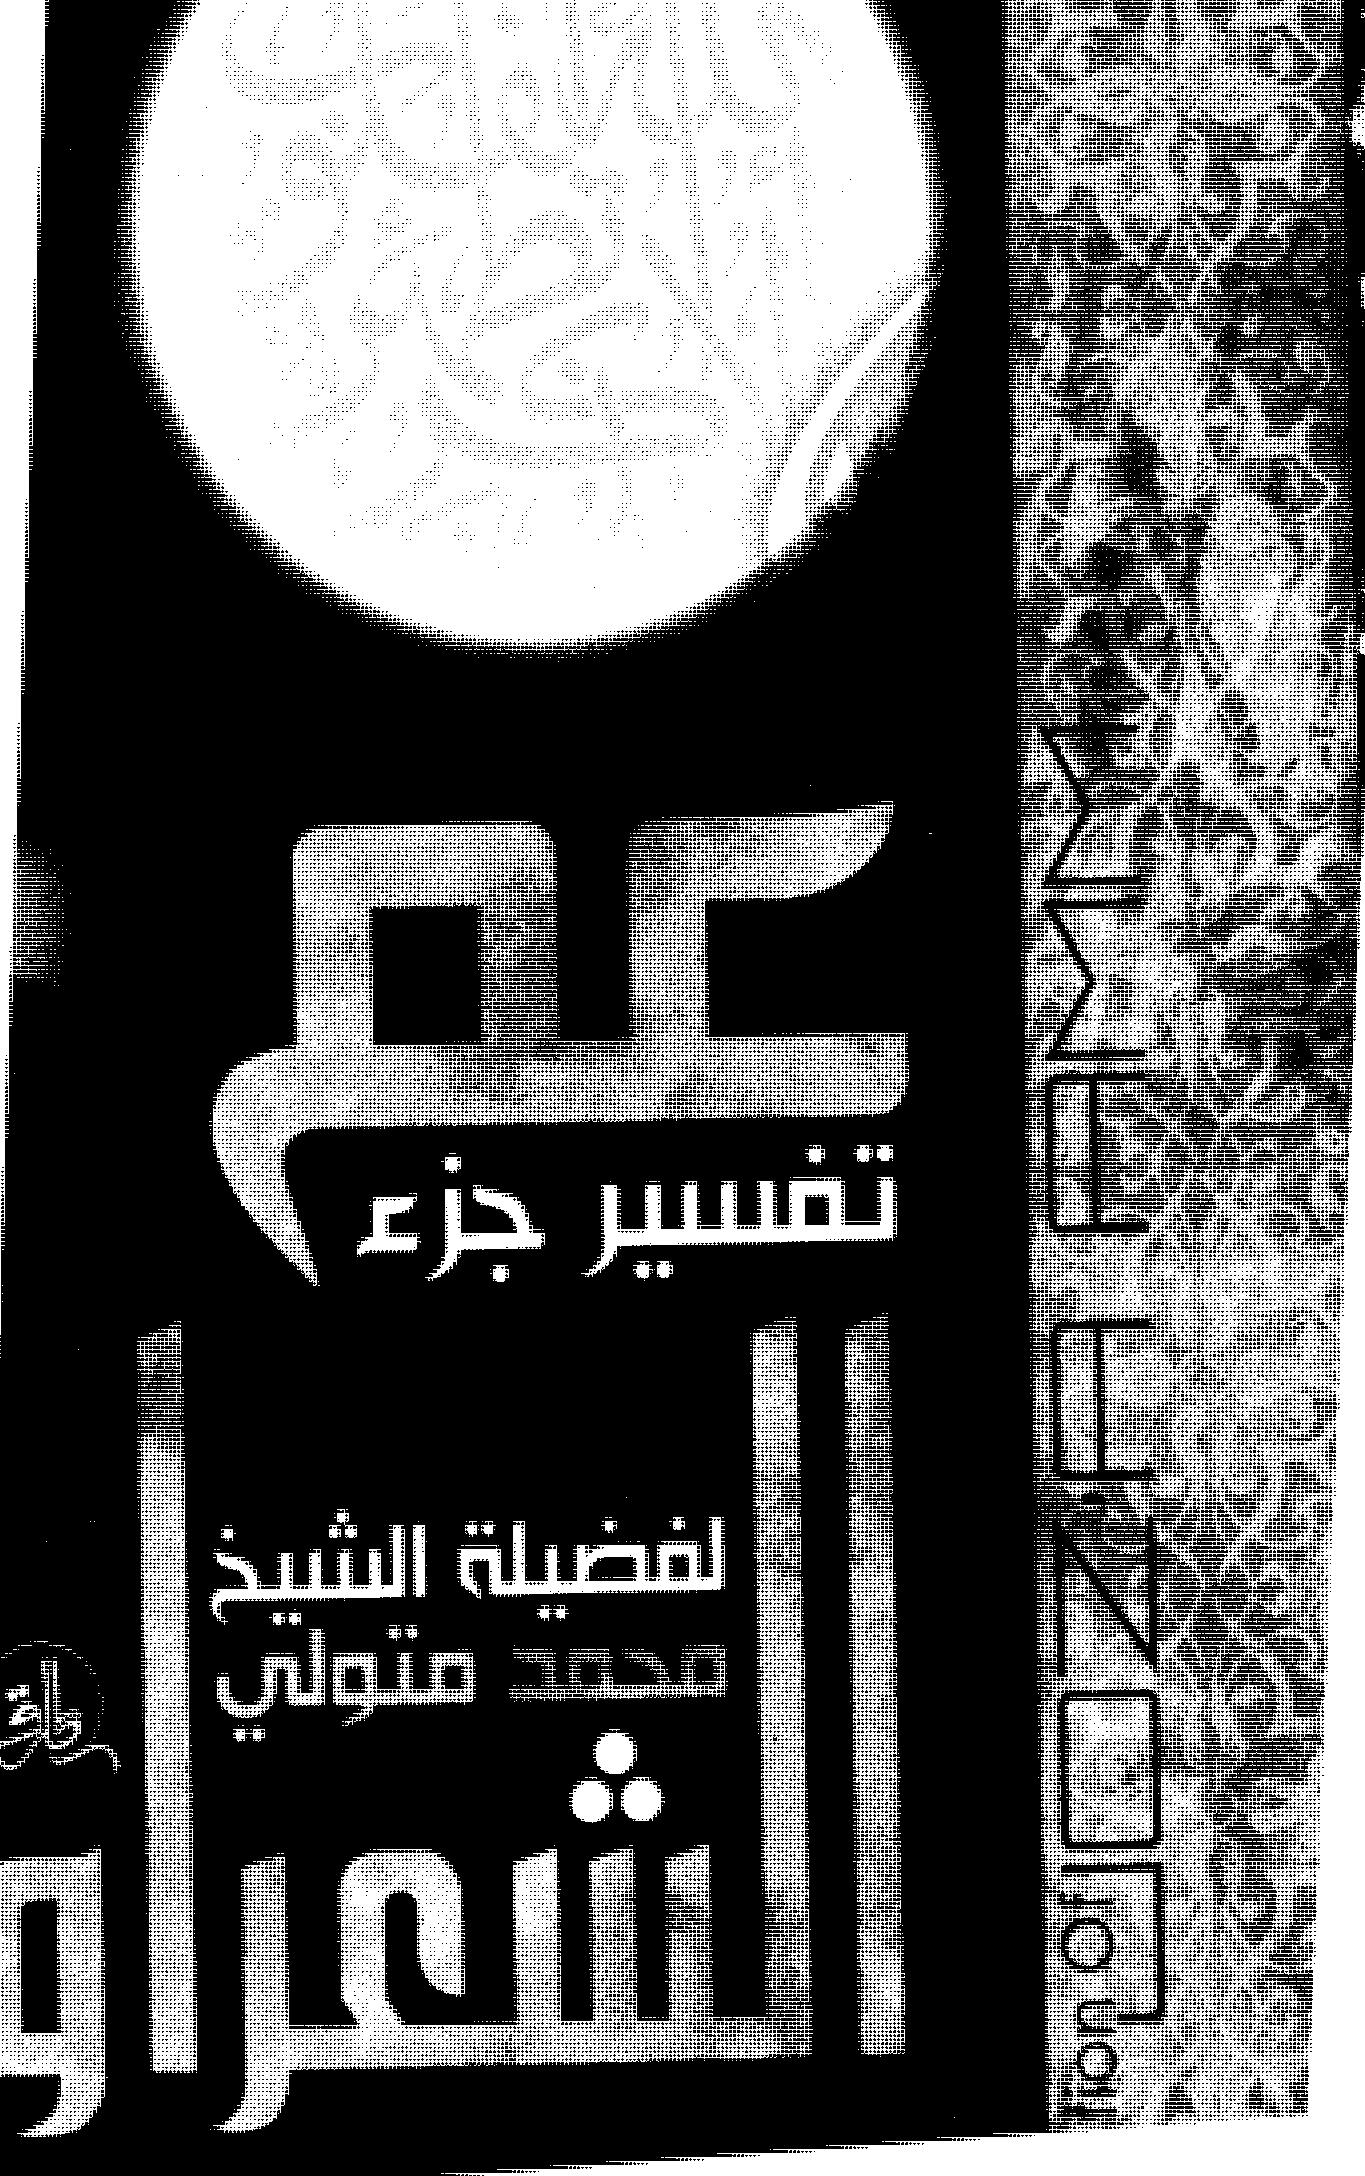 تحميل كتاب تفسير جزء عم (الشعراوي) لـِ: الشيخ محمد متولي الشعراوي (ت 1418)